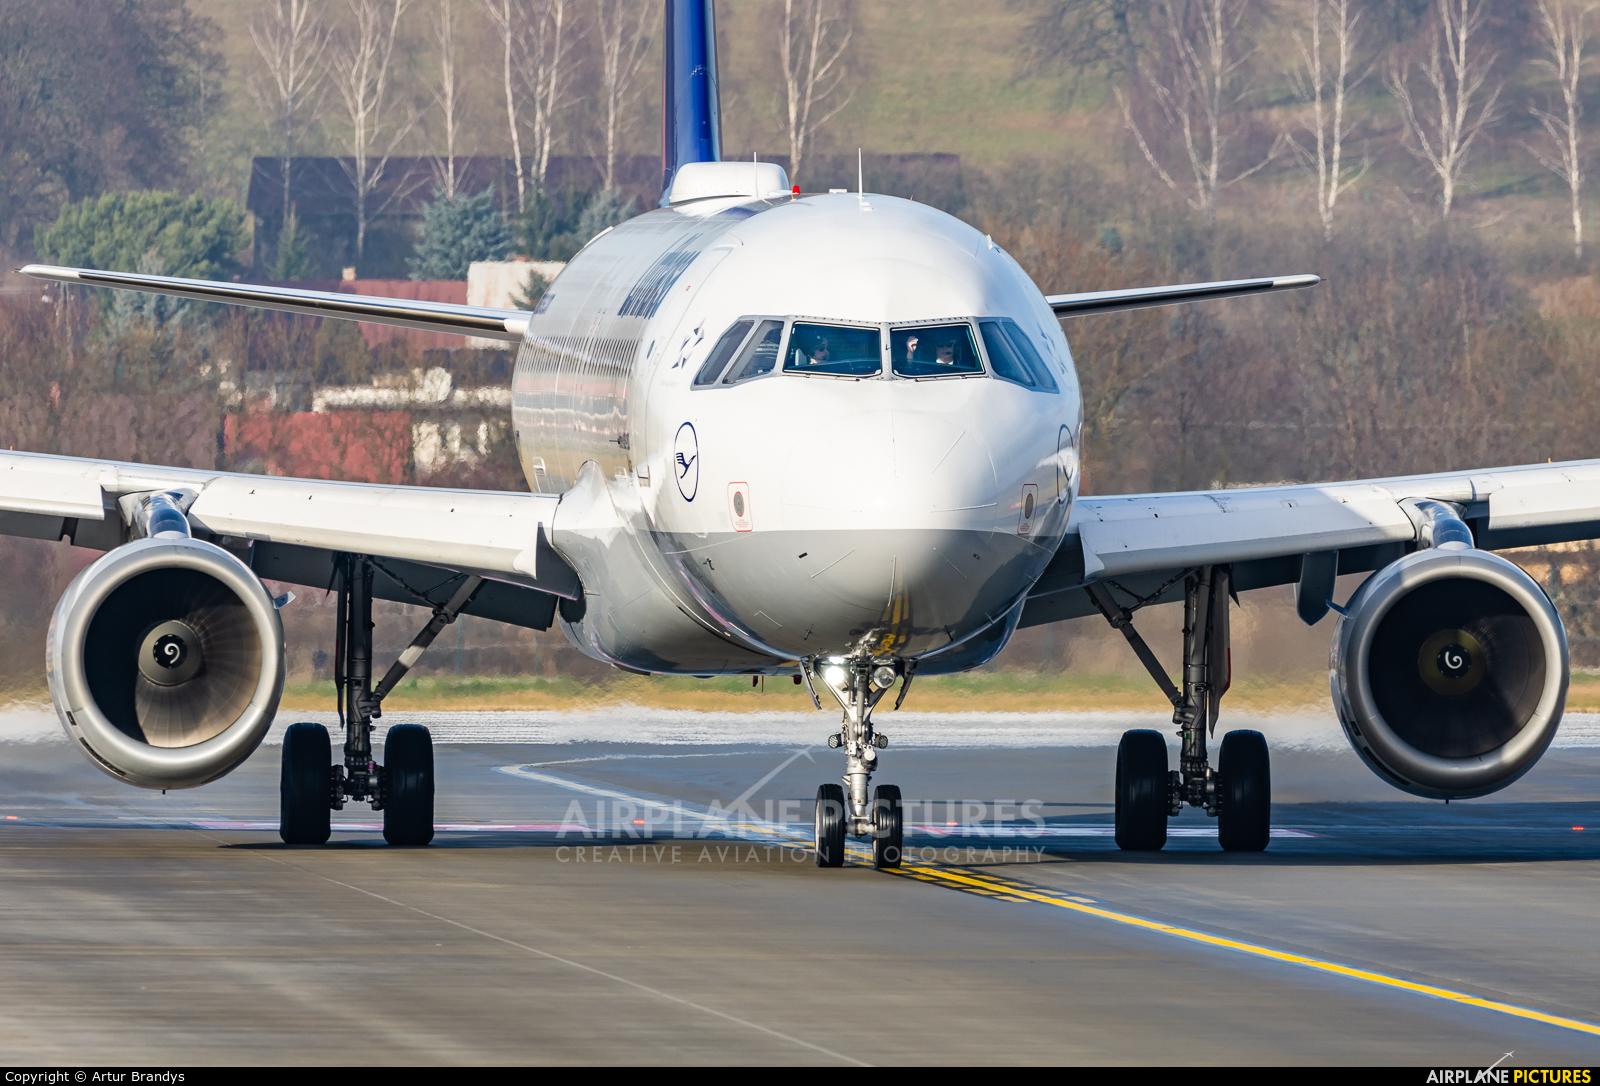 Lufthansa D-AIQT aircraft at Kraków - John Paul II Intl